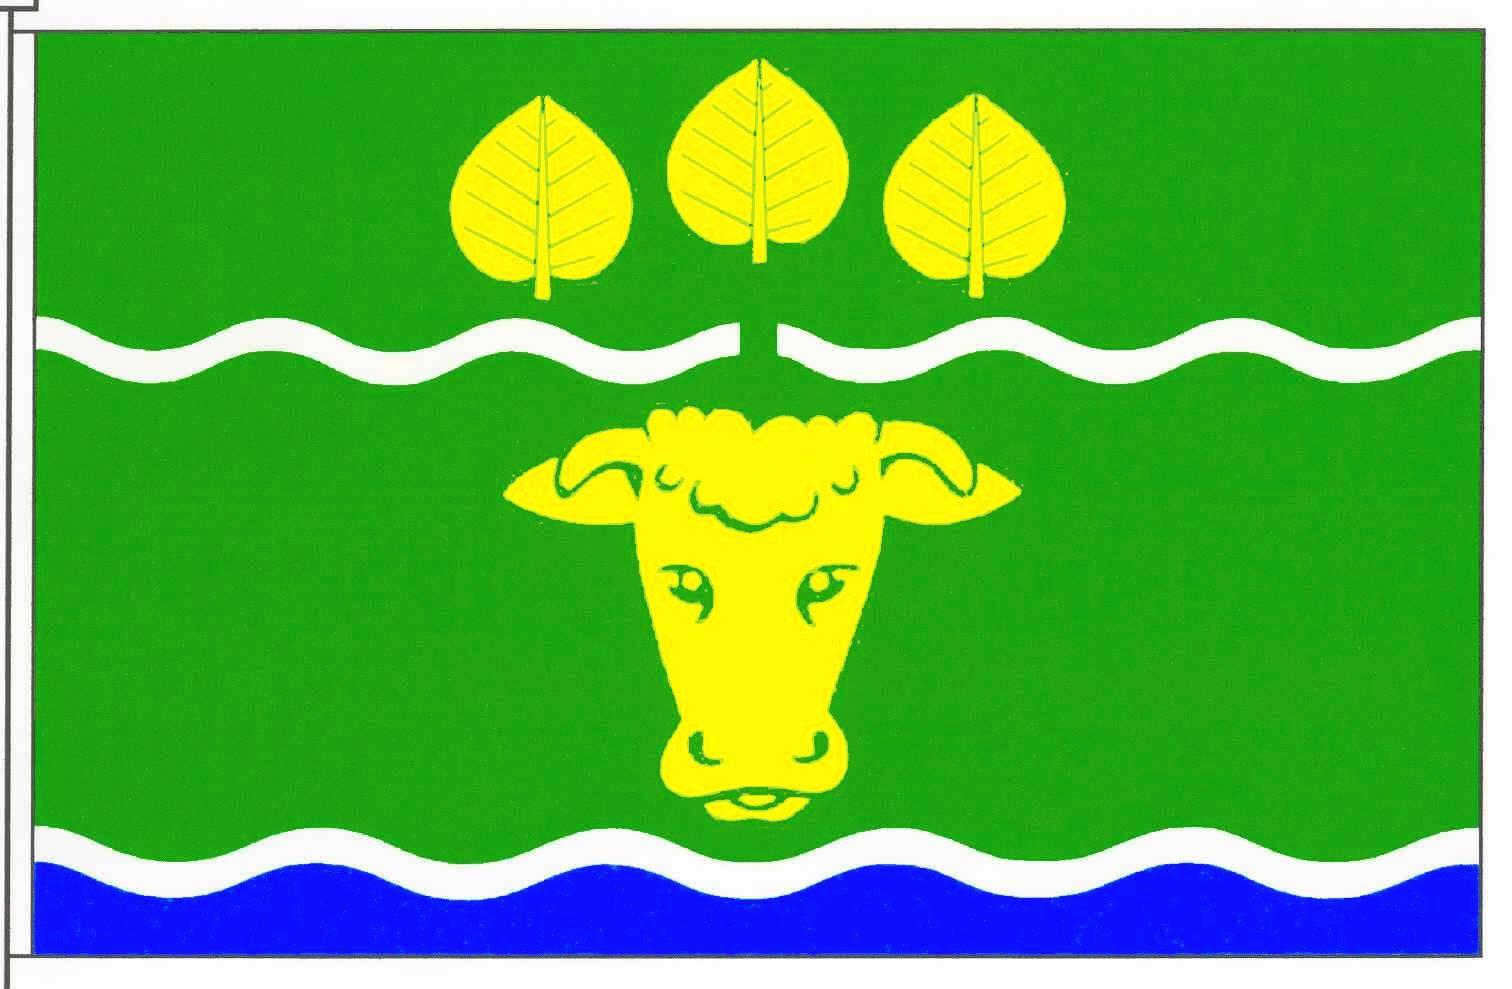 Flagge GemeindeWittbek, Kreis Nordfriesland